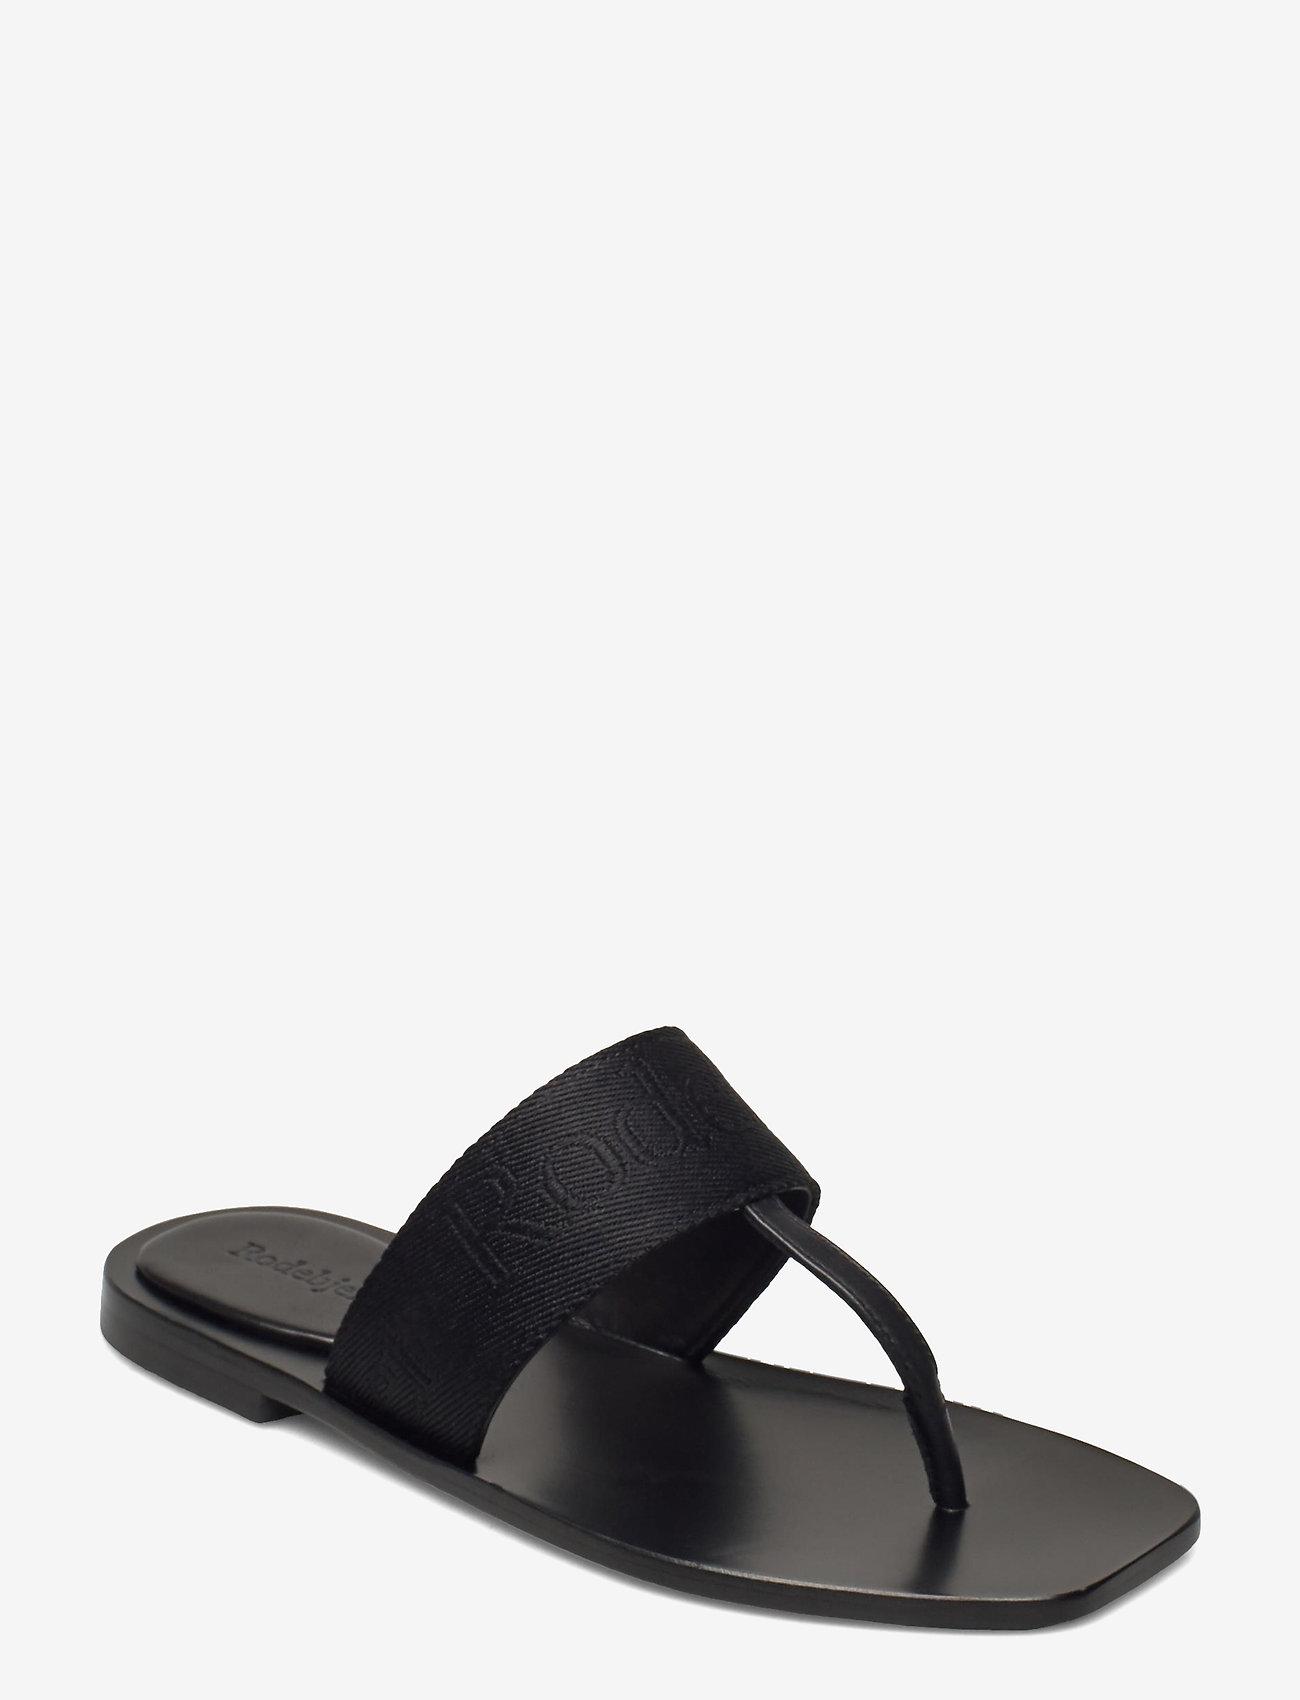 RODEBJER - RODEBJER ROZA - flade sandaler - black - 0